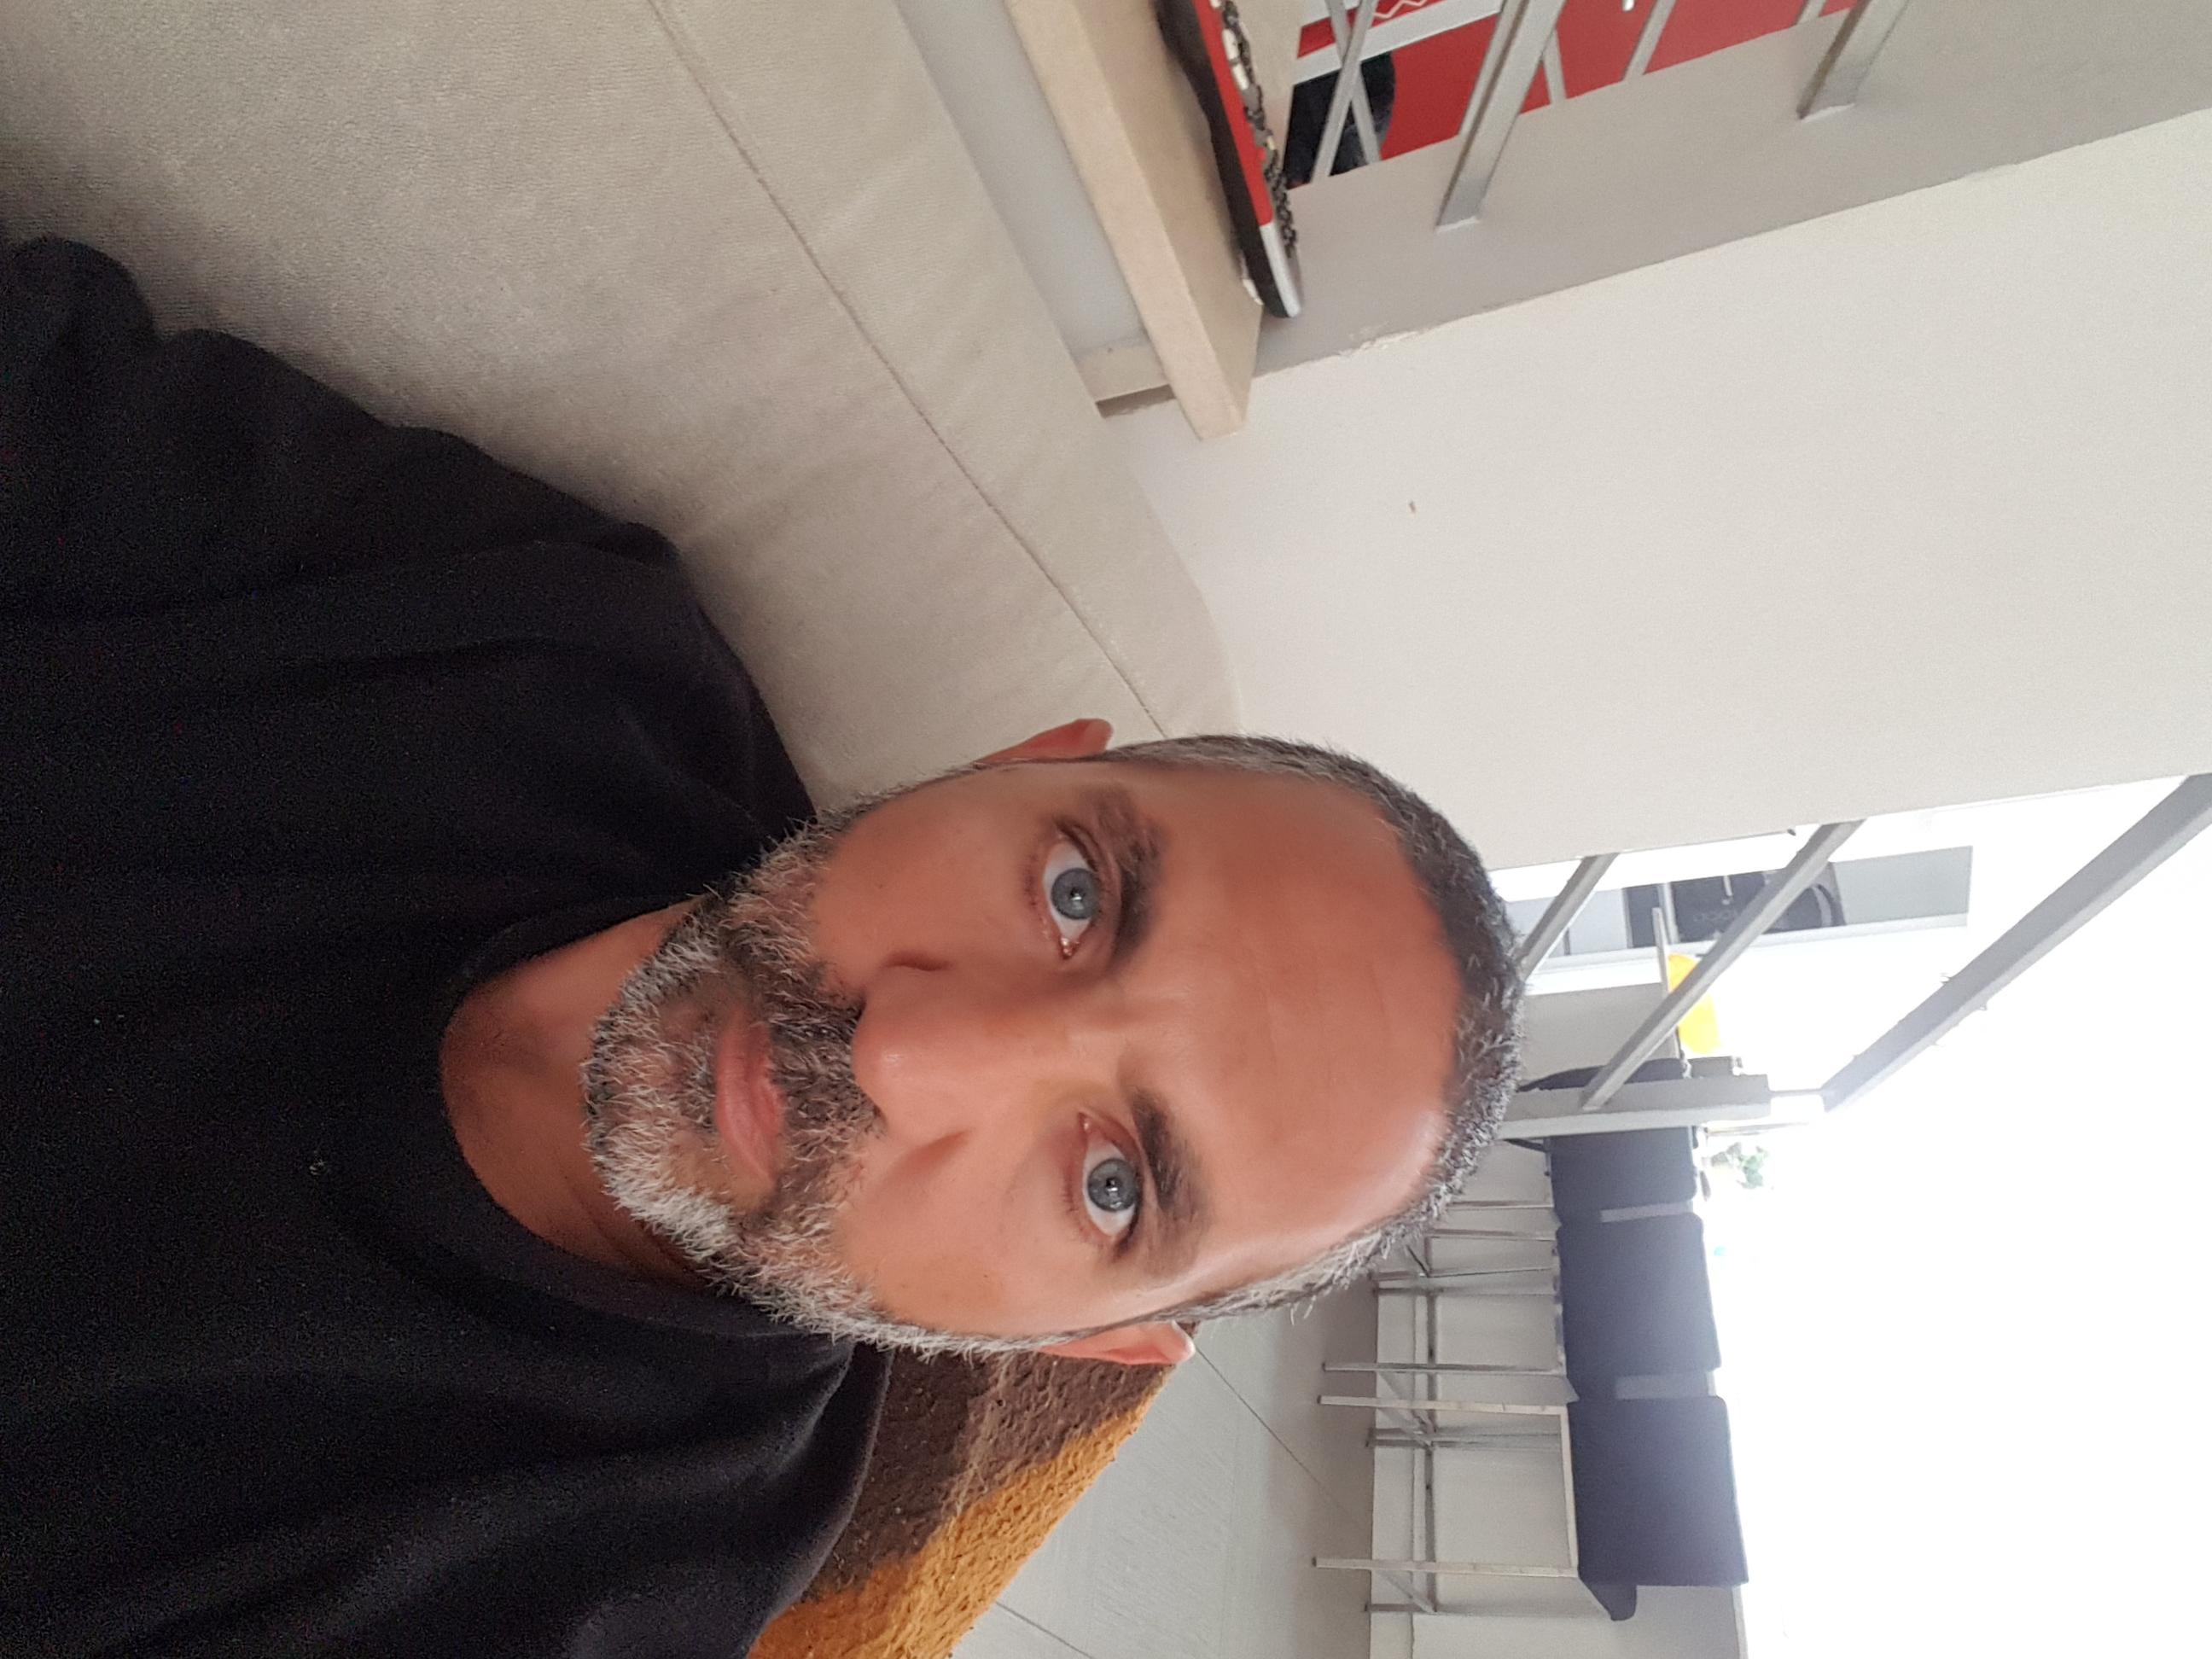 רמי בן 44 מכפר יונה